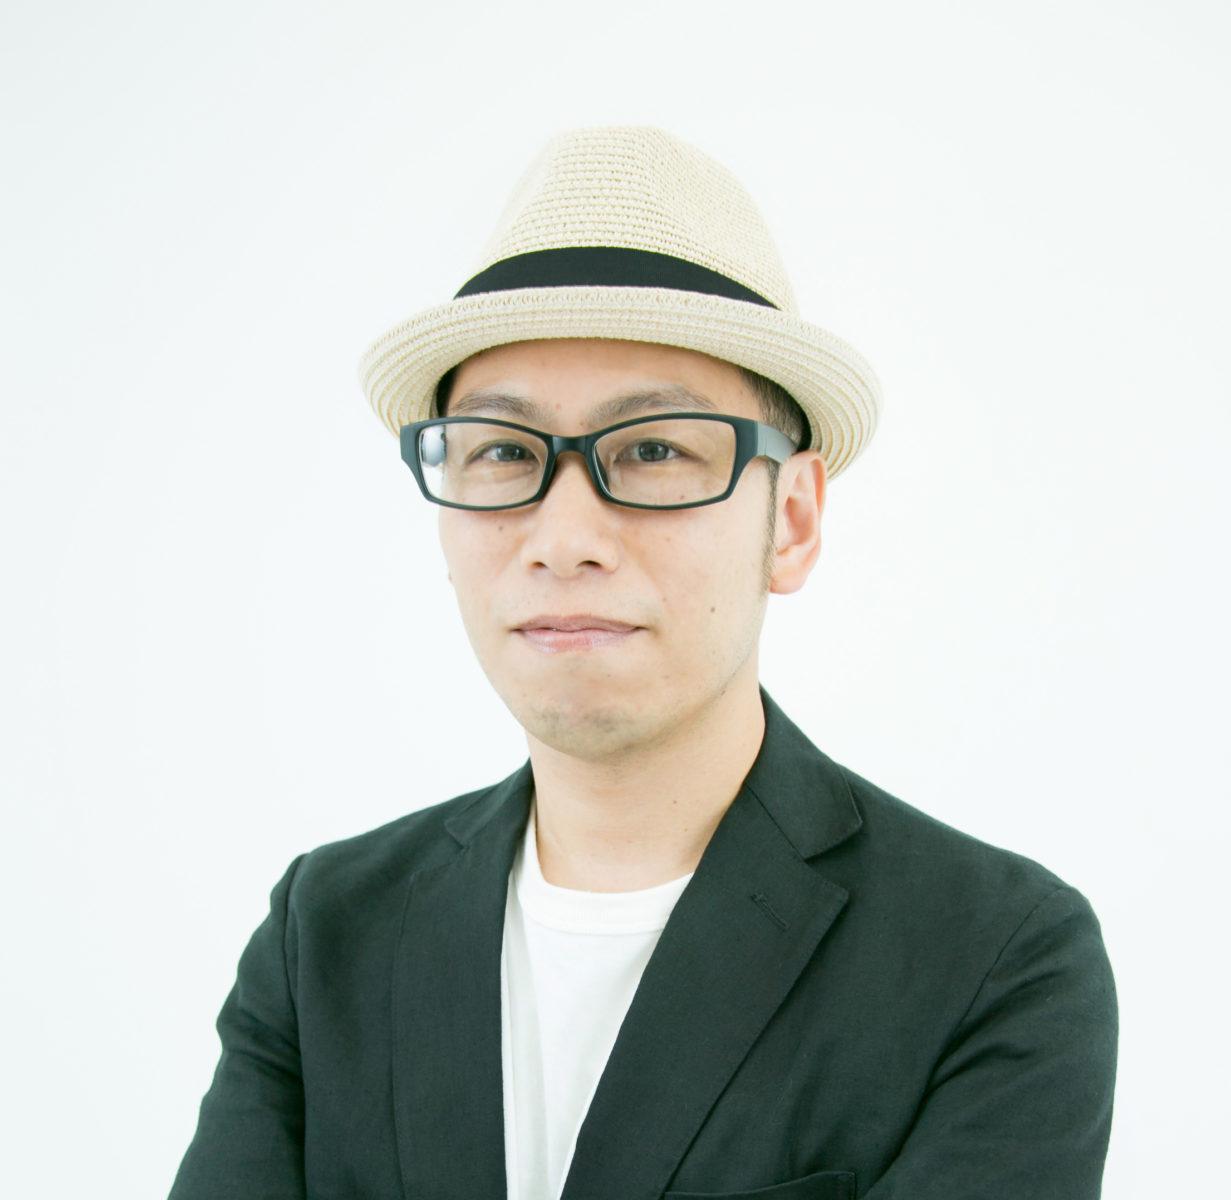 講師のプロフィール画像